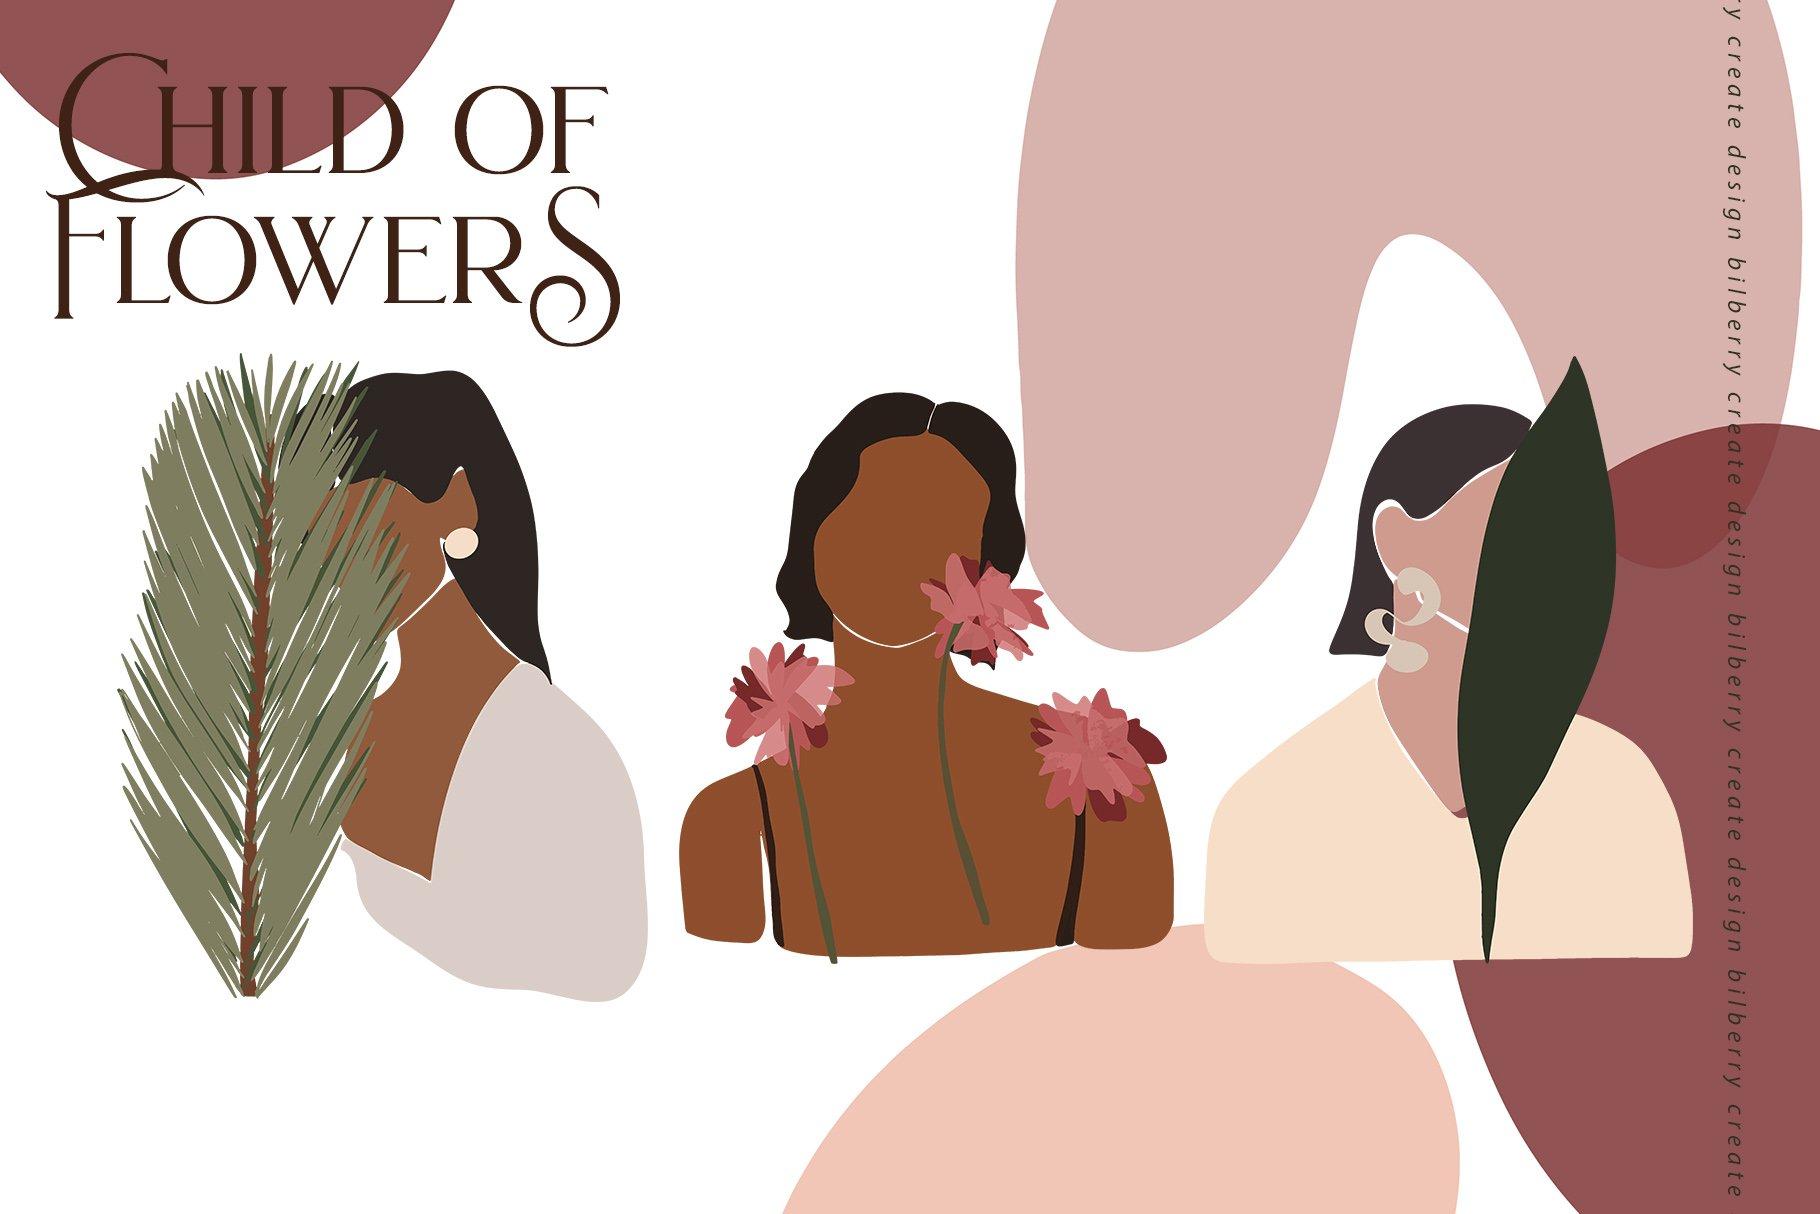 85多个抽象女孩风景形状矢量图案素材 Child Of Flowers Abstract Portrait插图(2)